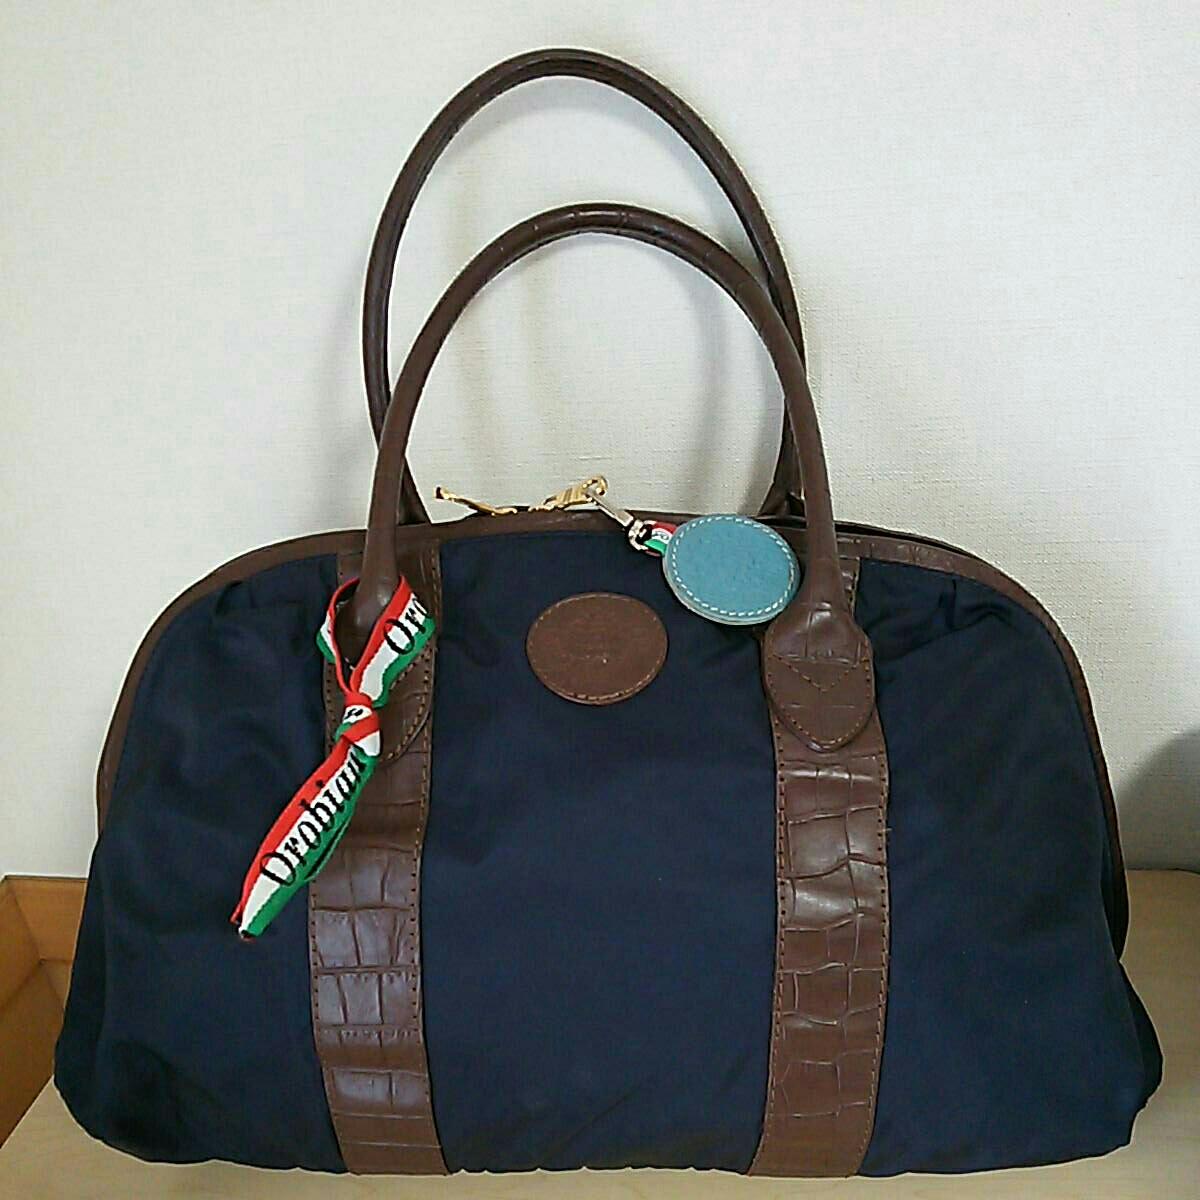 Orobianco オロビアンコ ネイビー ナイロン×レザー 紺 ビジネス ボストンバッグ 革 バッグ 美品 イタリア製 LIMONTA